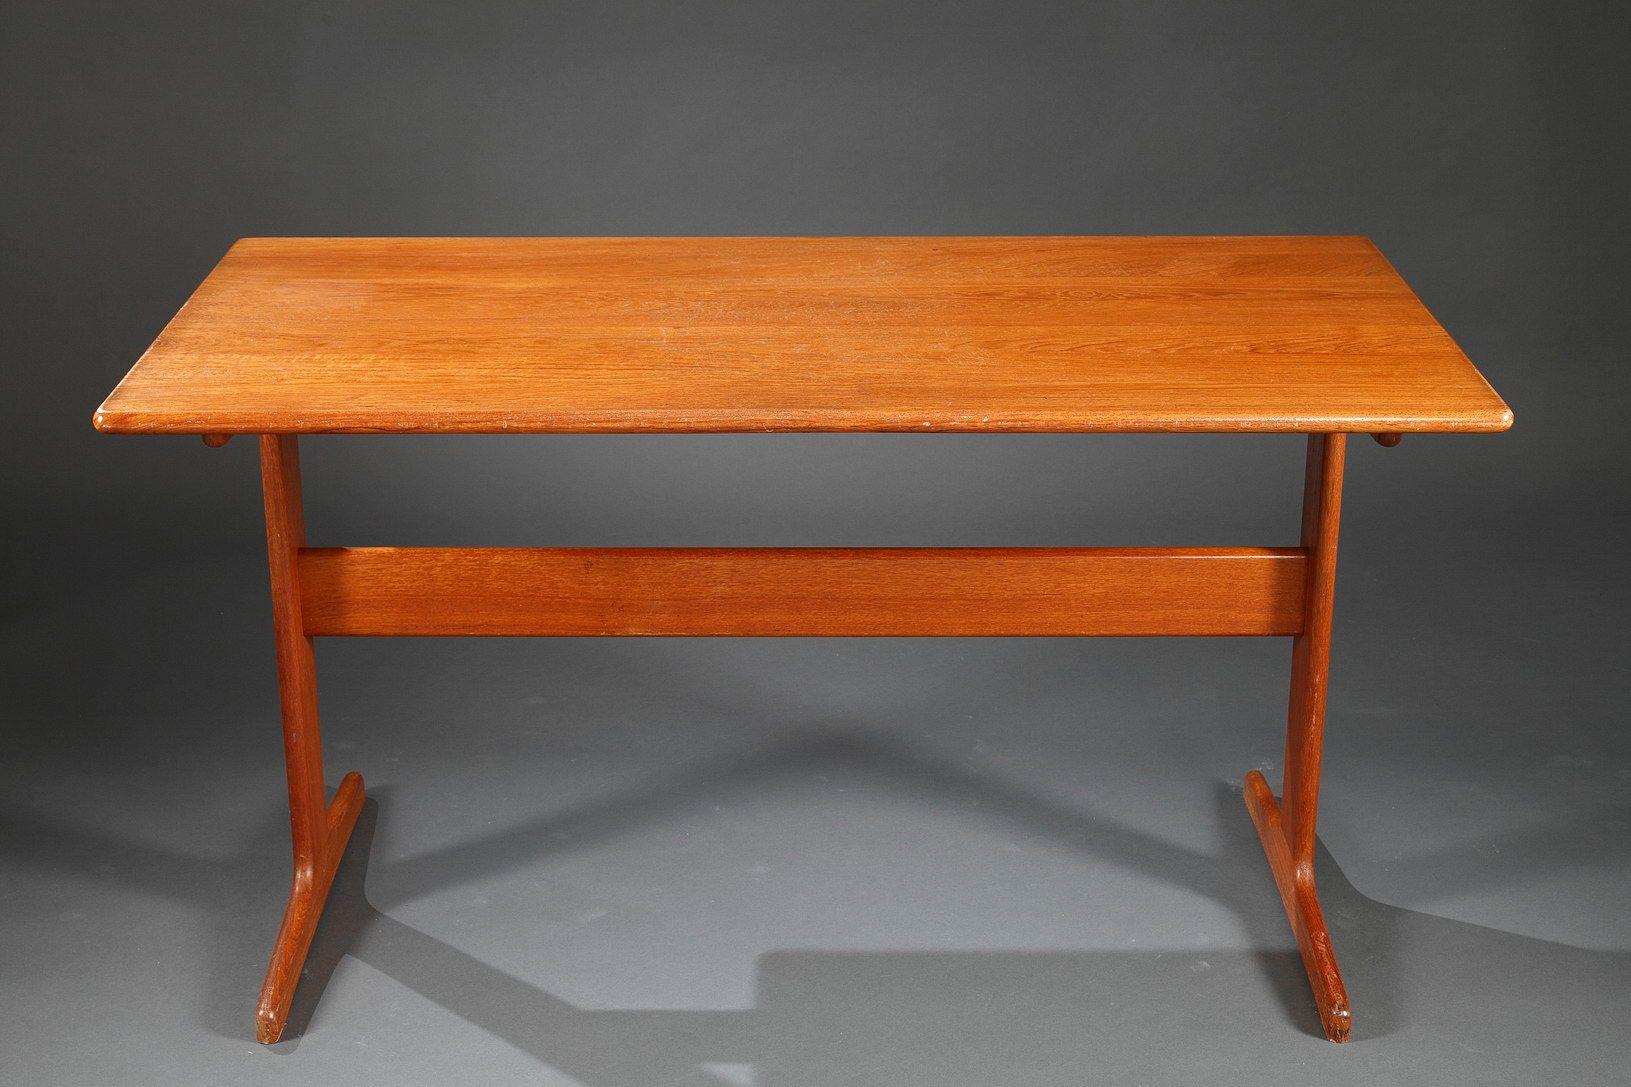 skandinavischer teak schreibtisch mit zwei geraden tischbeinen 1960er bei pamono kaufen. Black Bedroom Furniture Sets. Home Design Ideas